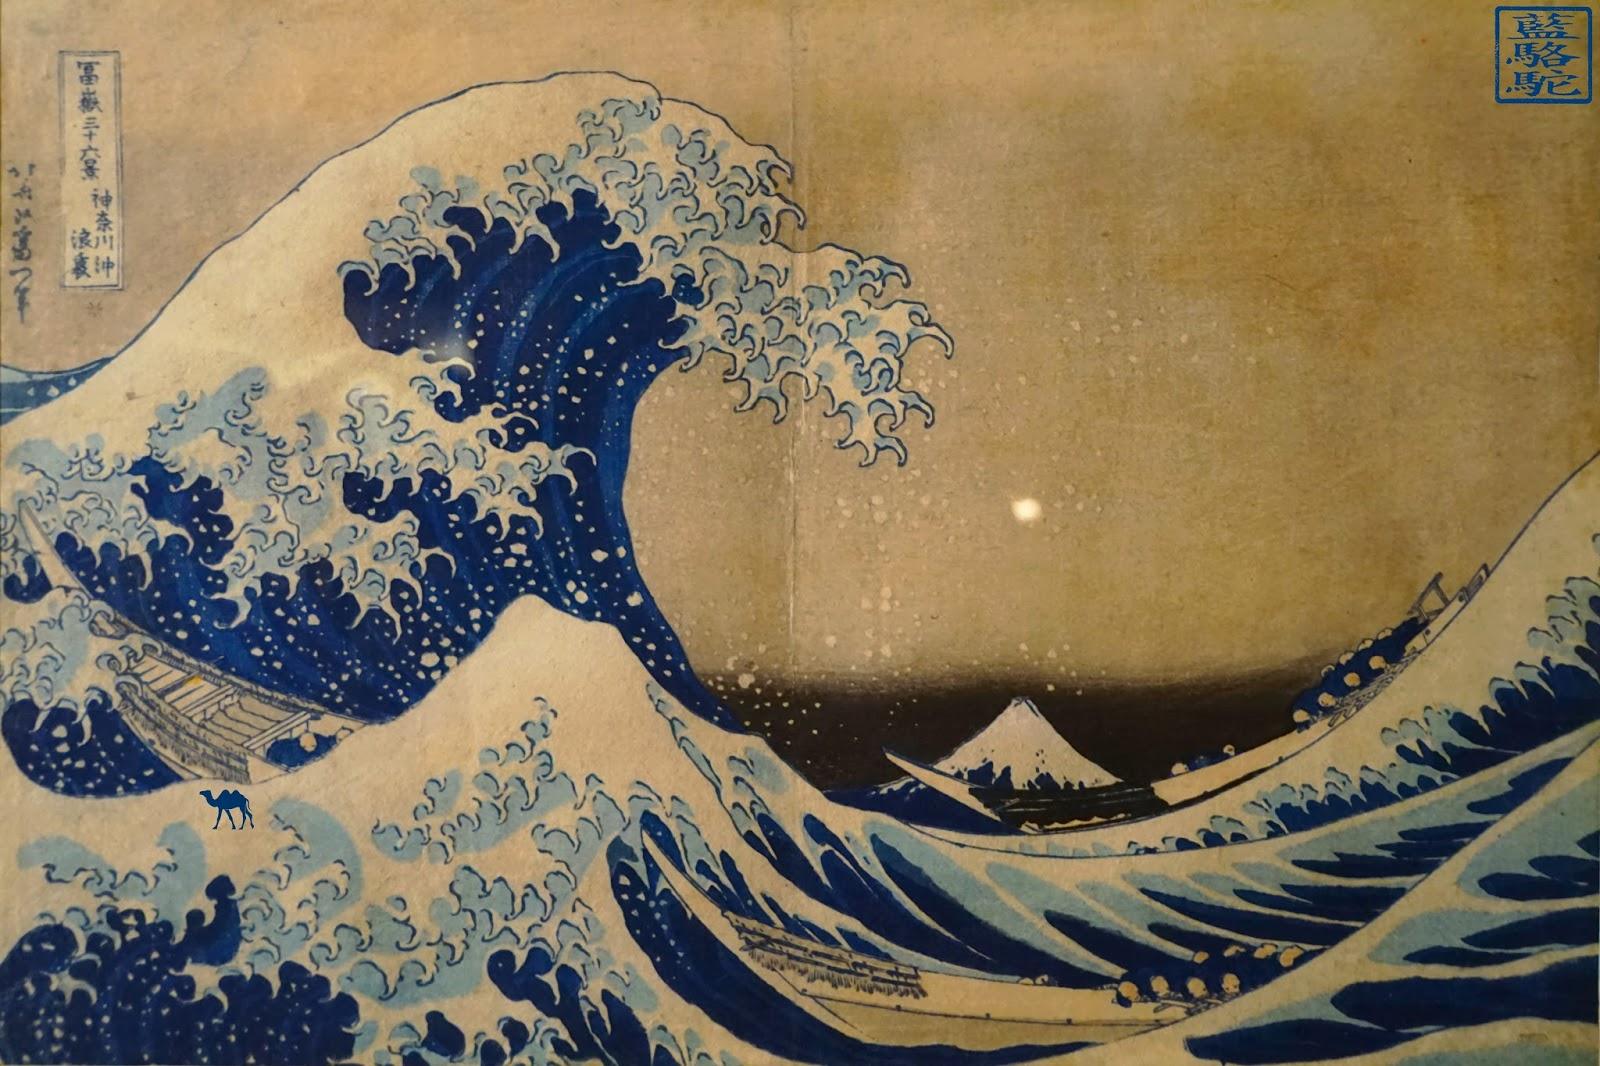 Le Chameau Bleu - La Vague d'Hokusai